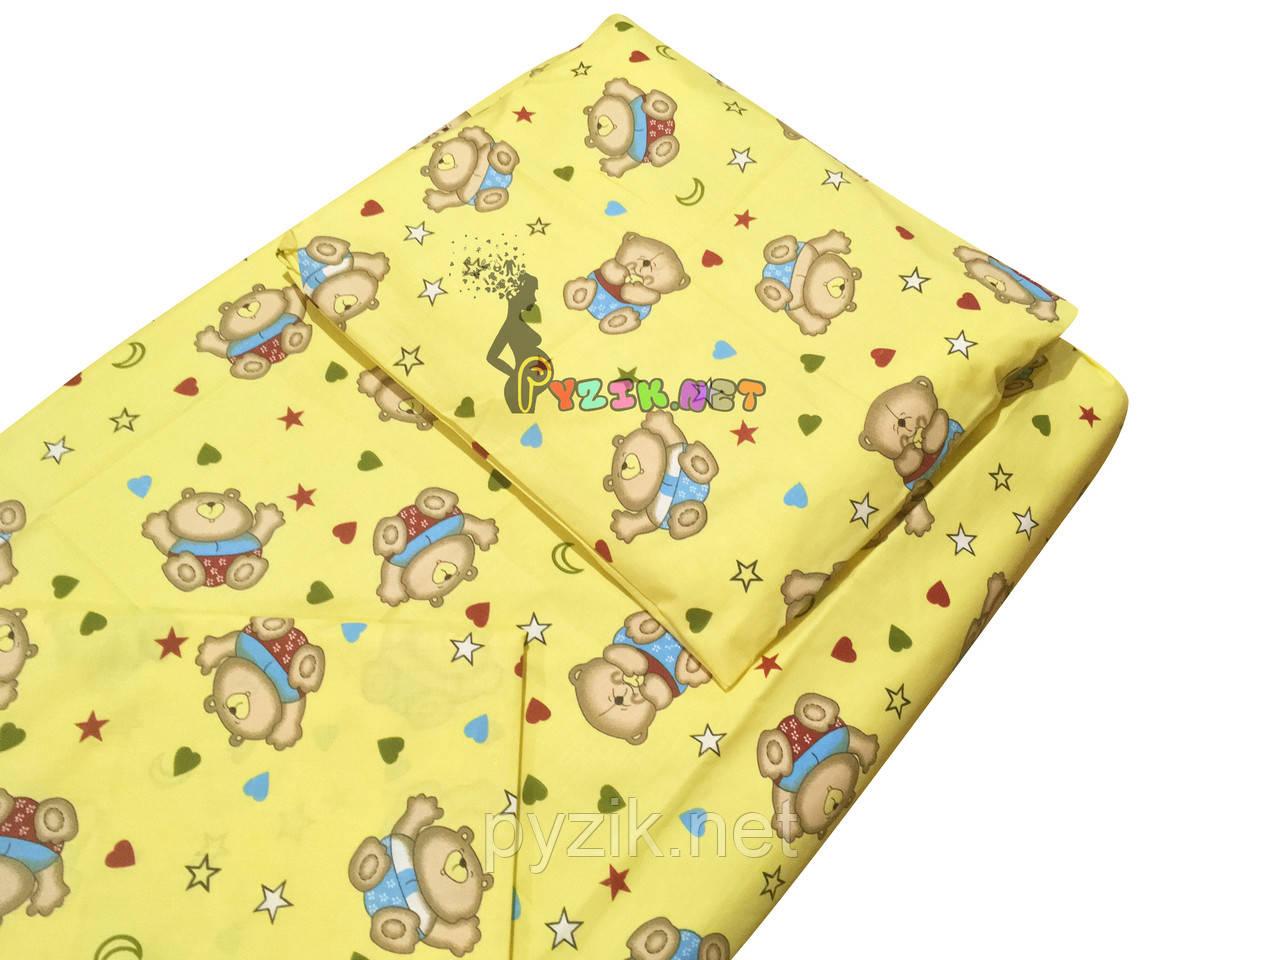 Постельный набор в детскую кроватку (3 предмета) Мишки с сердечками желтый